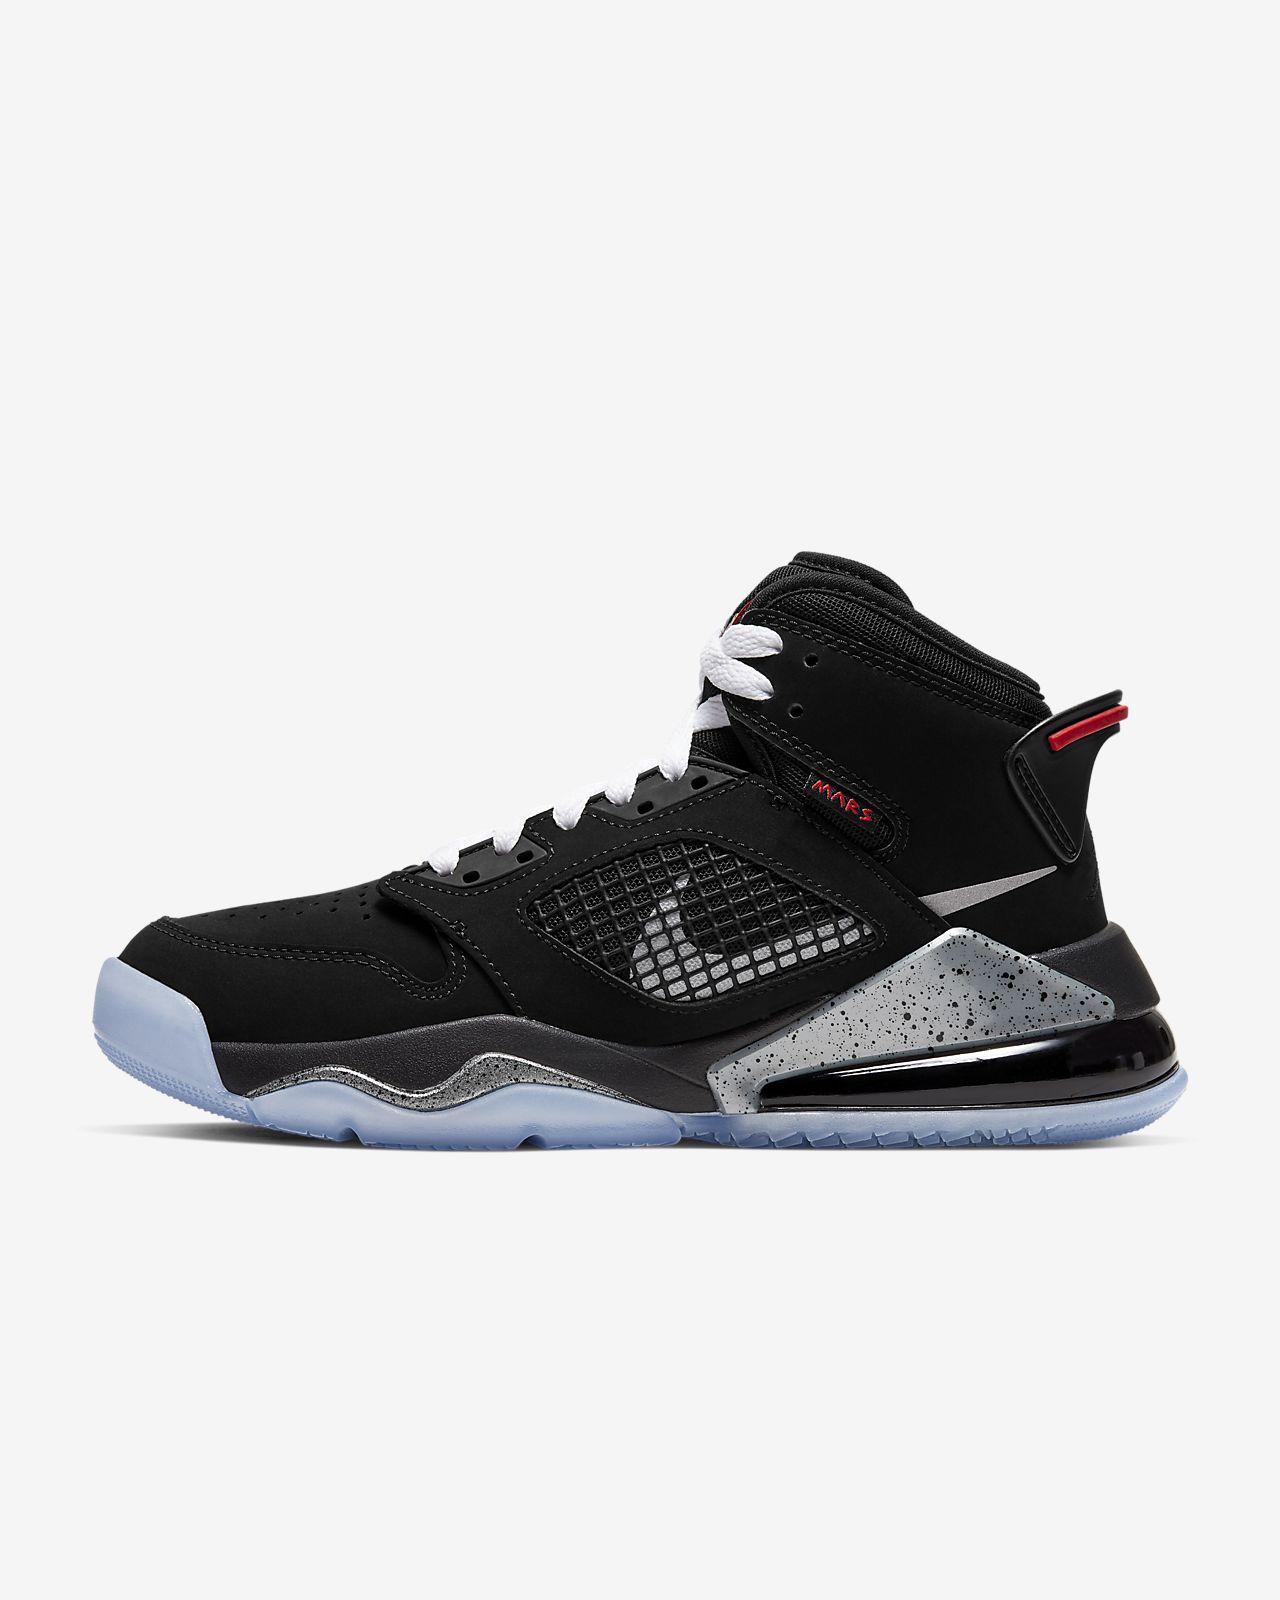 Buty dla dużych dzieci Jordan Mars 270